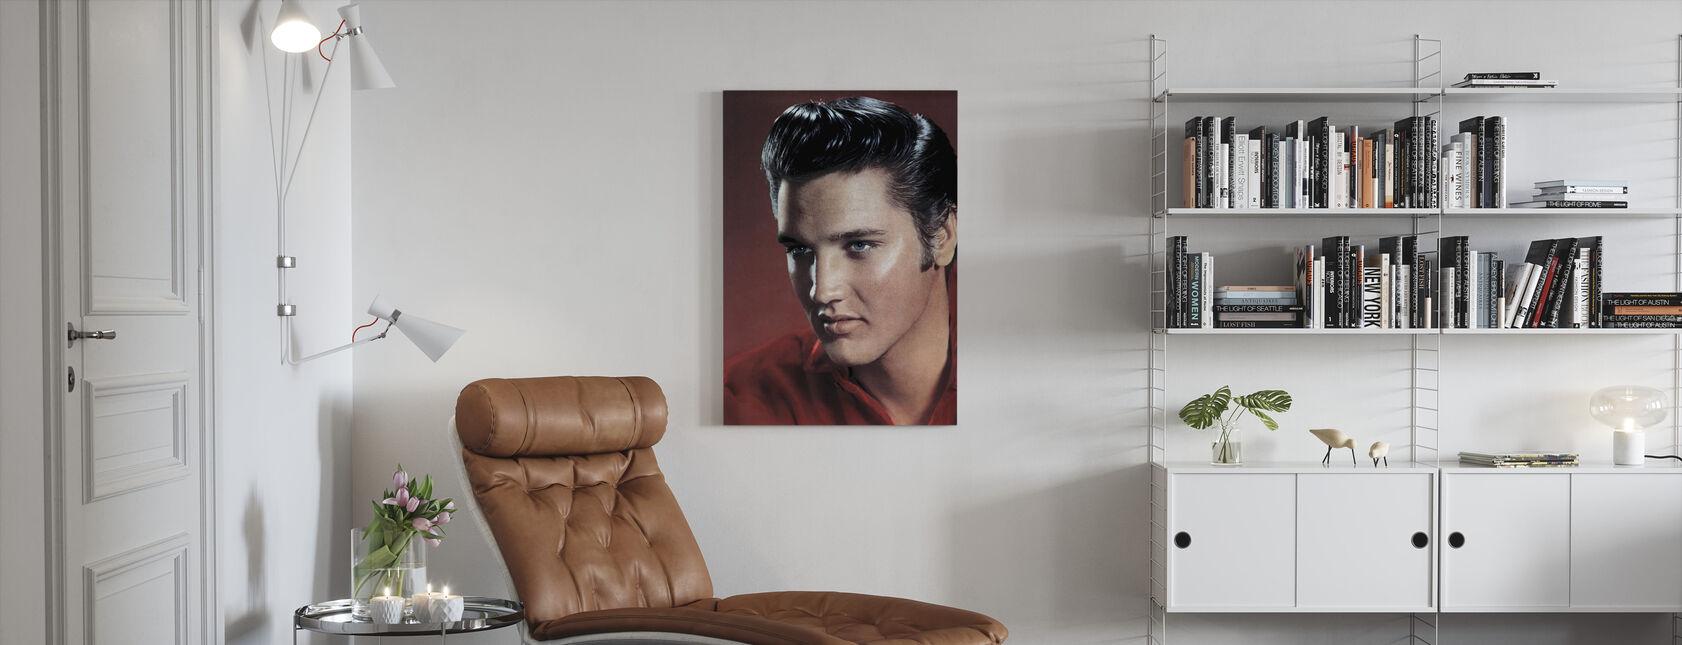 Elvis Presley - Leinwandbild - Wohnzimmer